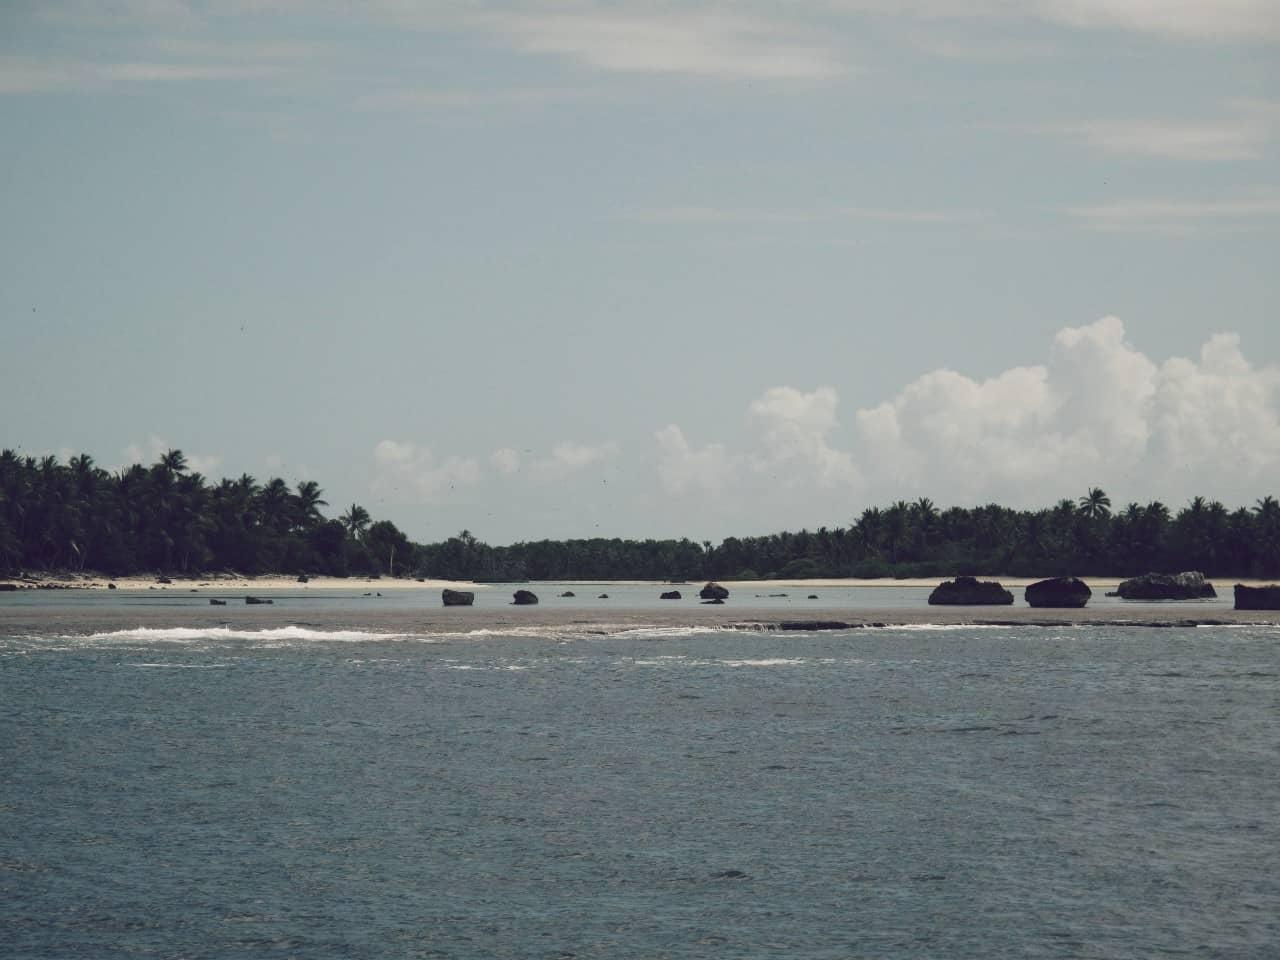 Zona protegida de las Islas Fénix, ocupa la quinta posición de los parques nacionales más grandes del mundo